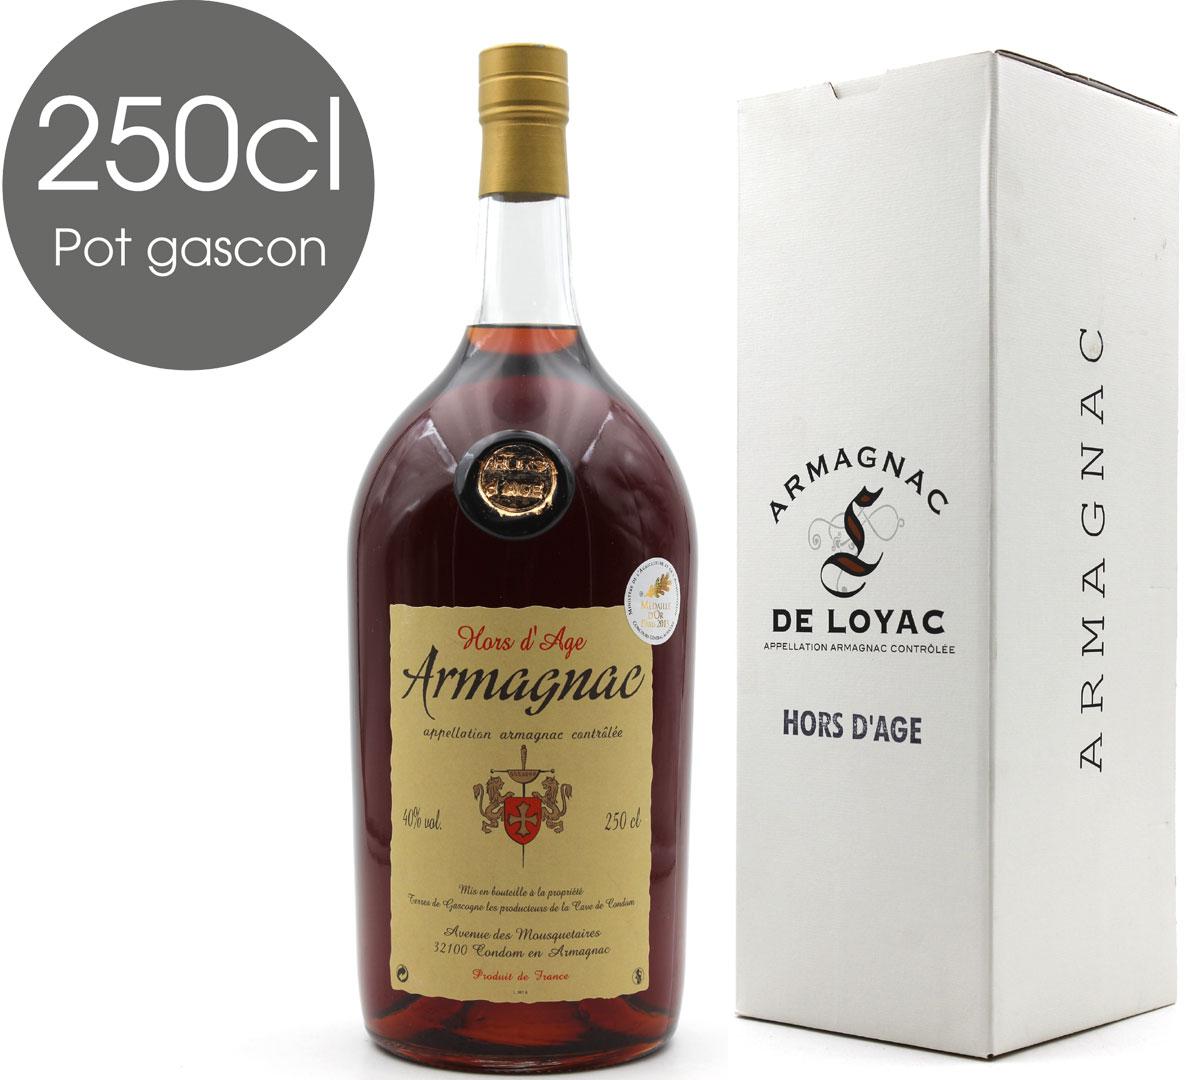 Armagnac De Loyac Hors d\'Age - Pot Gascon 2,5L